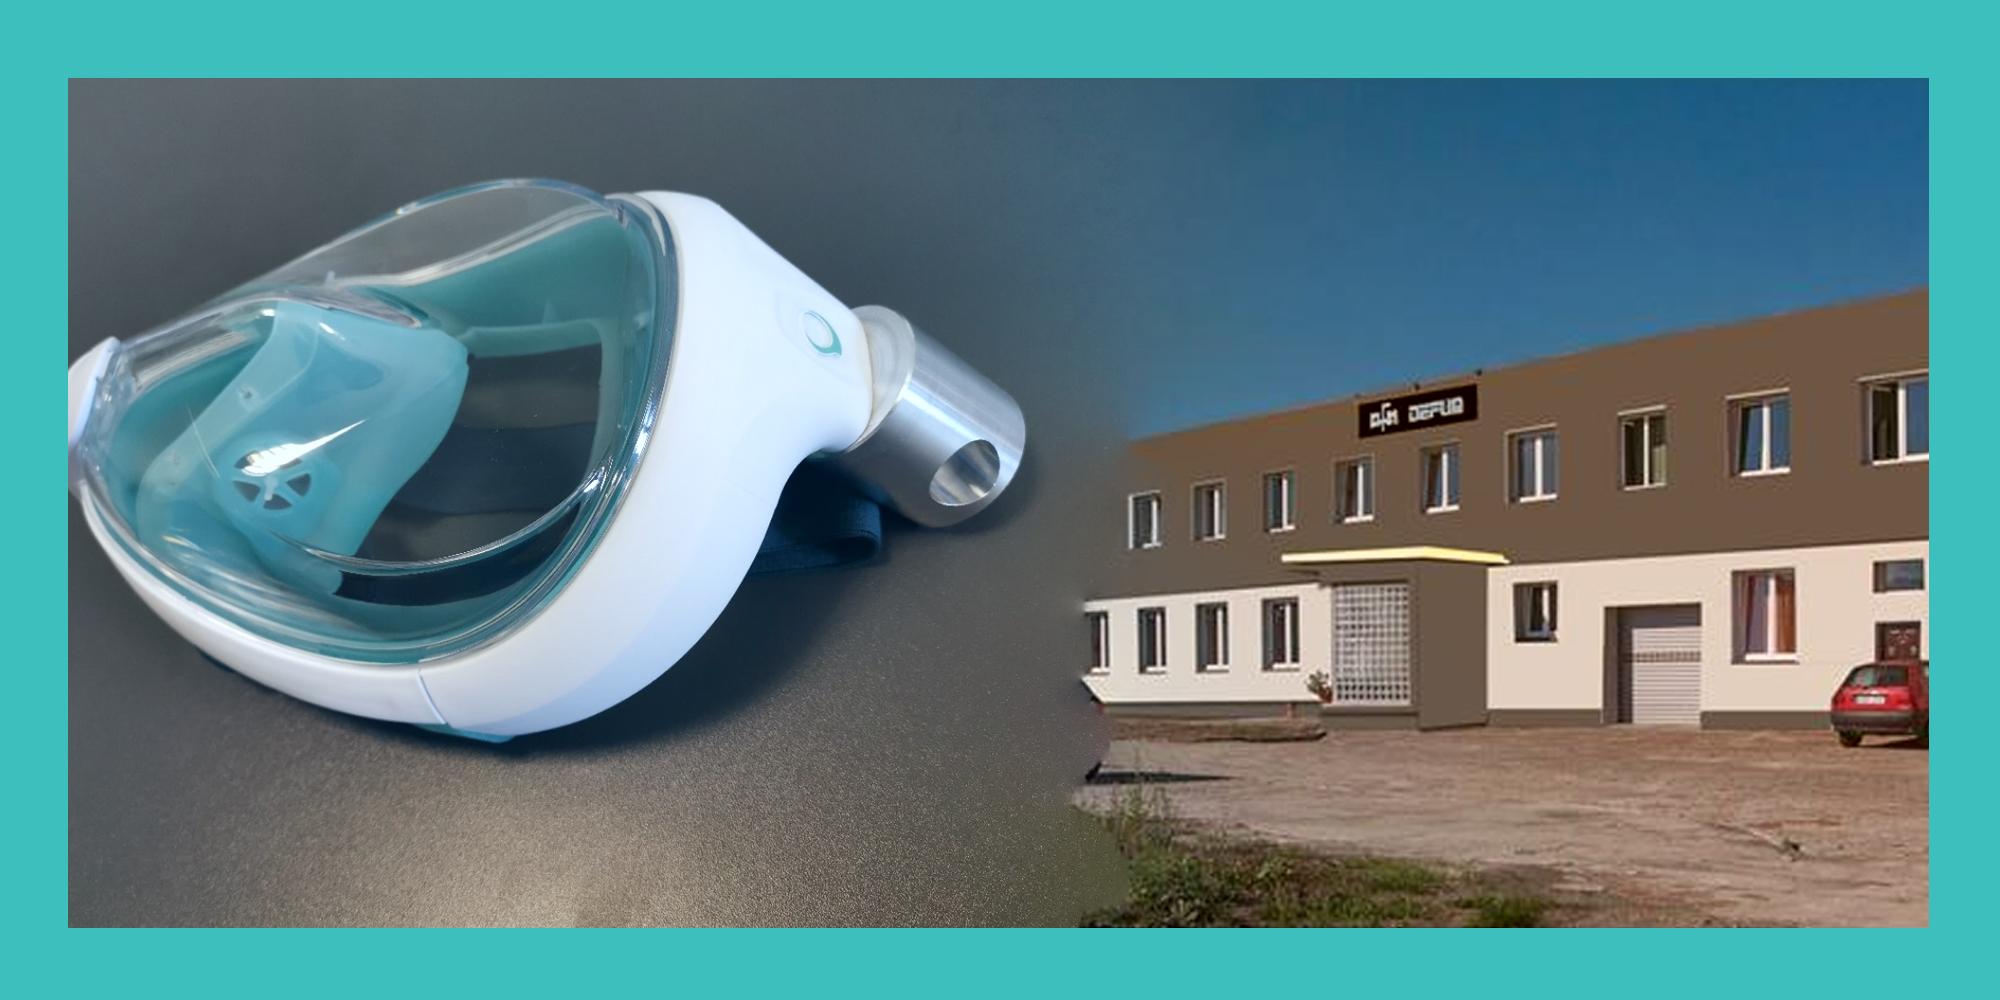 Andrychowska Fabryka Maszyn ruszyła z produkcją dla służby zdrowia